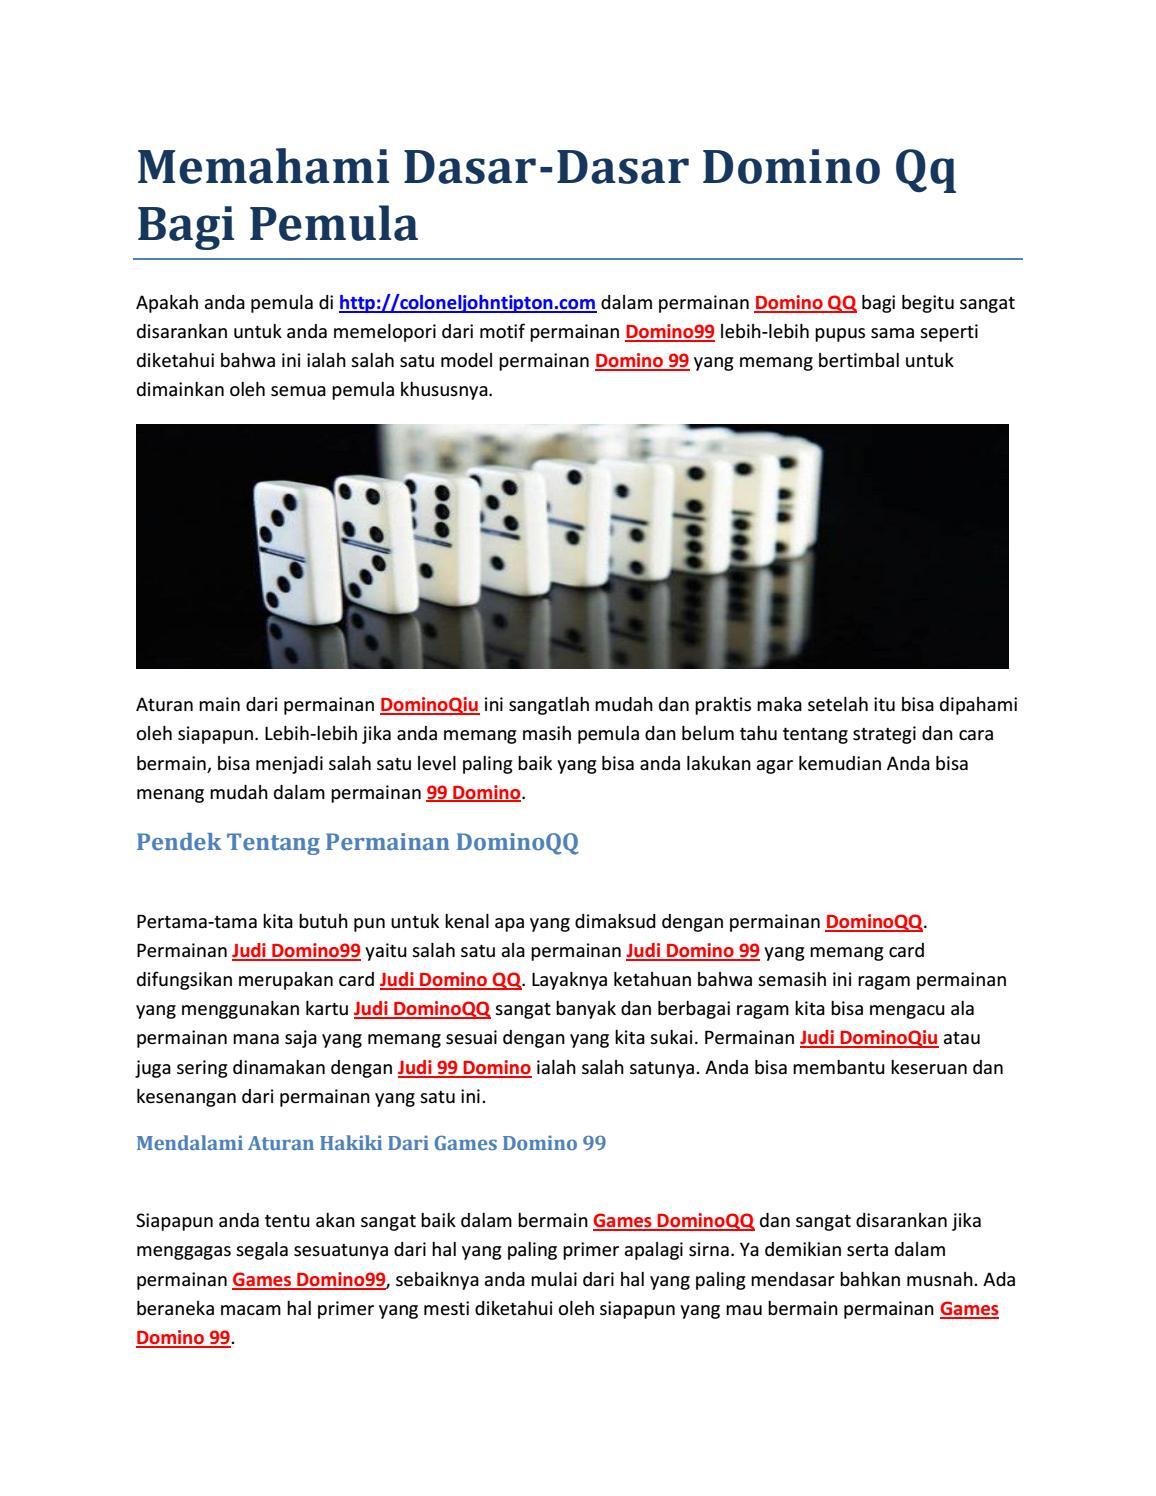 Memahami Dasar Dasar Domino Qq Bagi Pemula By Dominoqiu Issuu